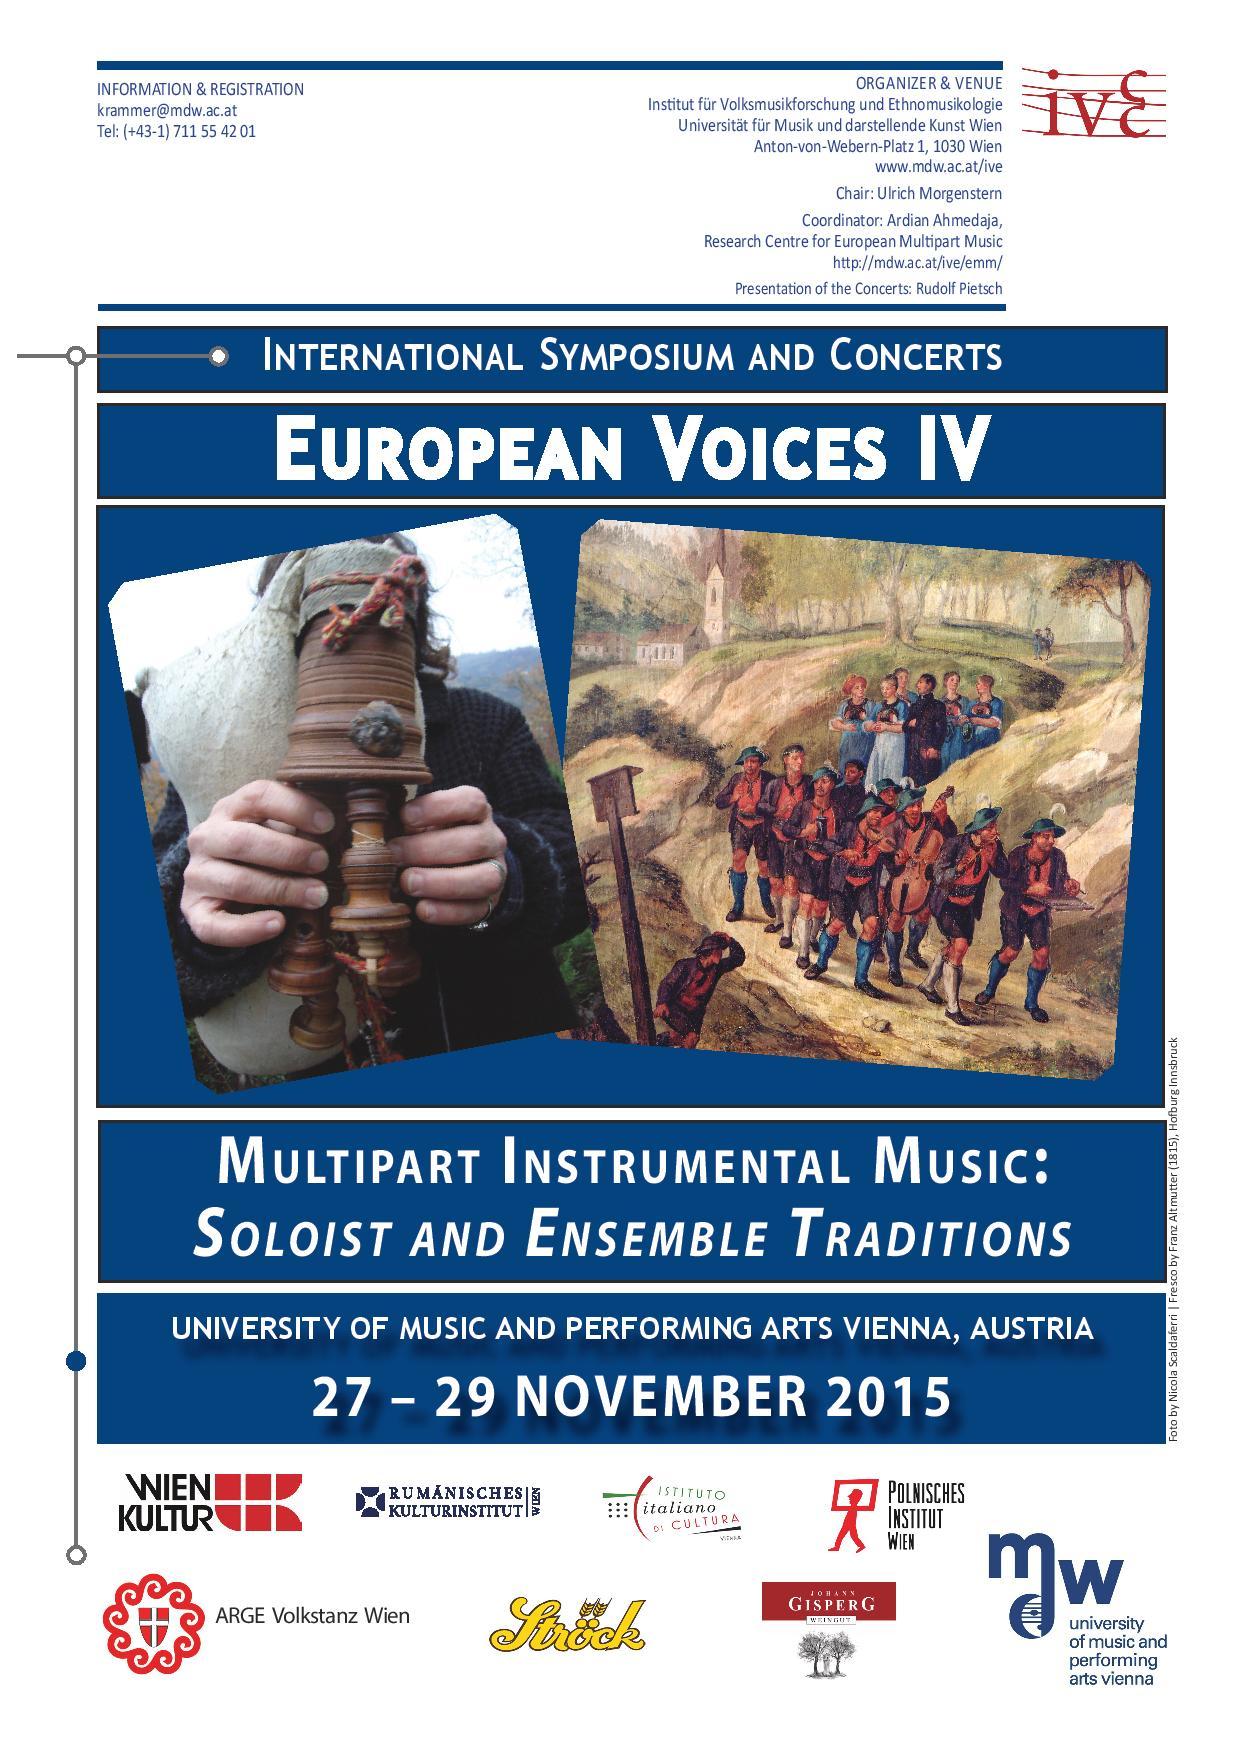 EuropeanVoicesPlakat_FINAL-page-001